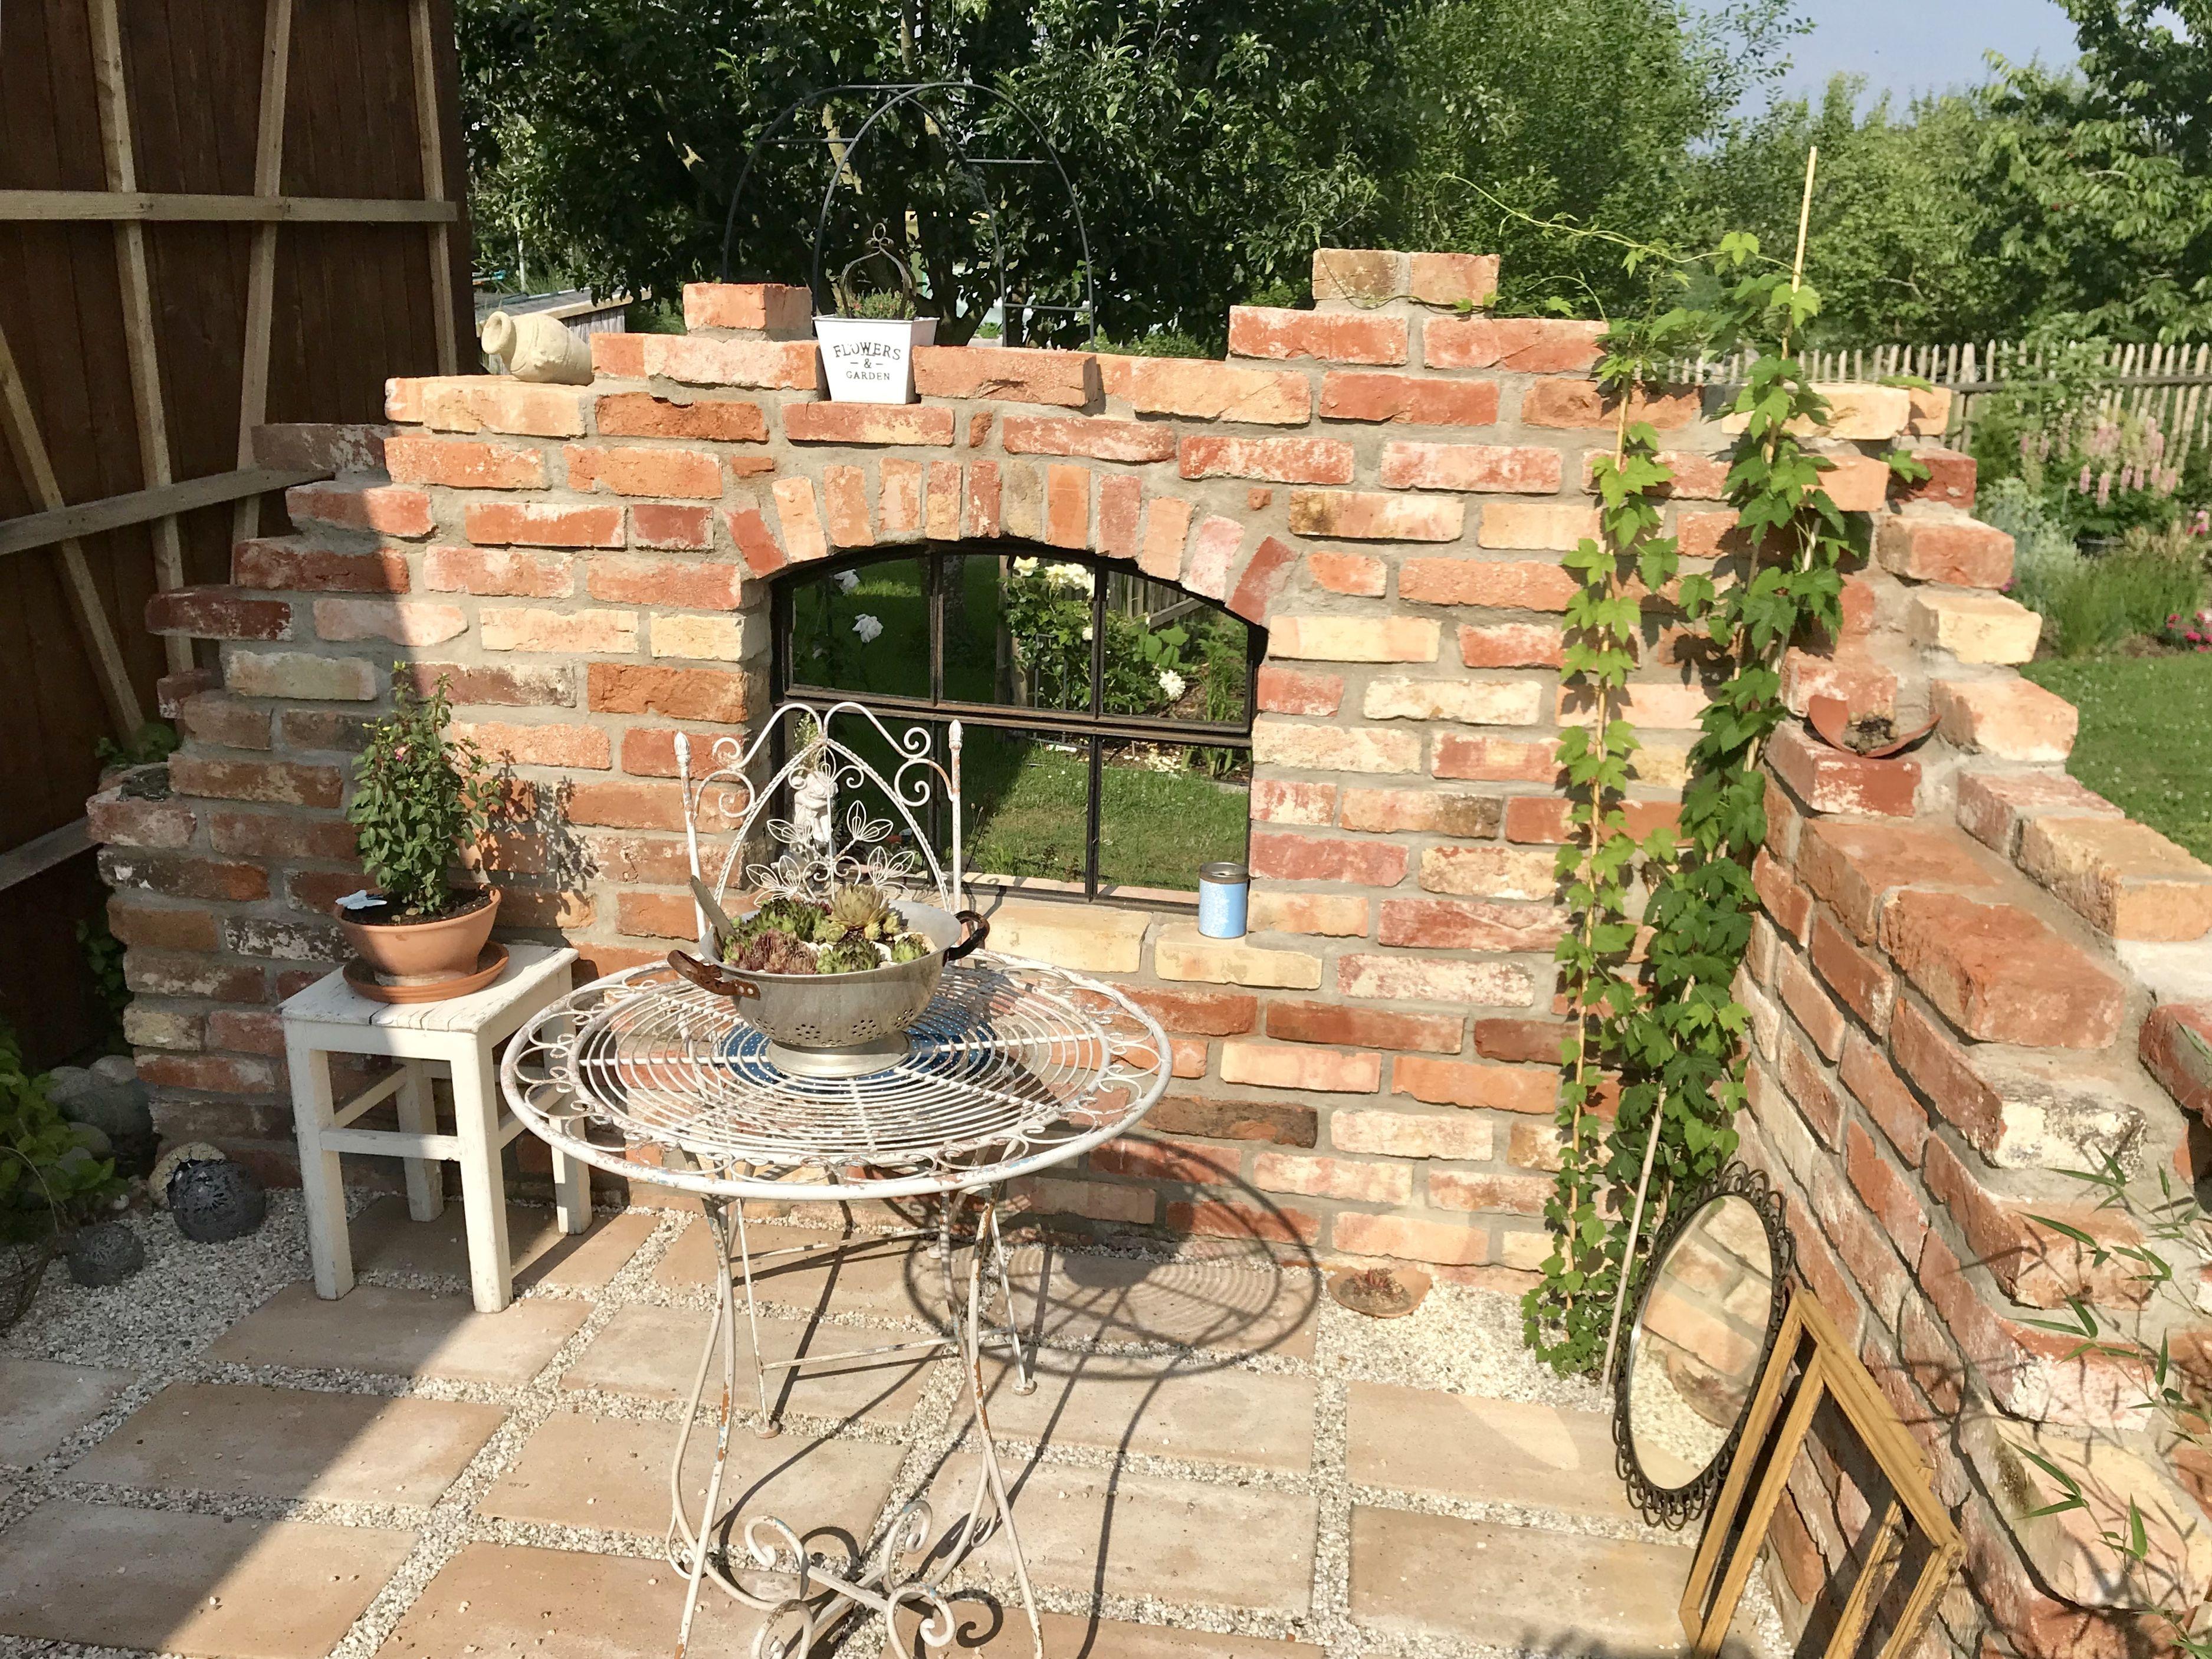 Ruinenmauer Im Garten Aus Backsteinen Selbst Gebaut